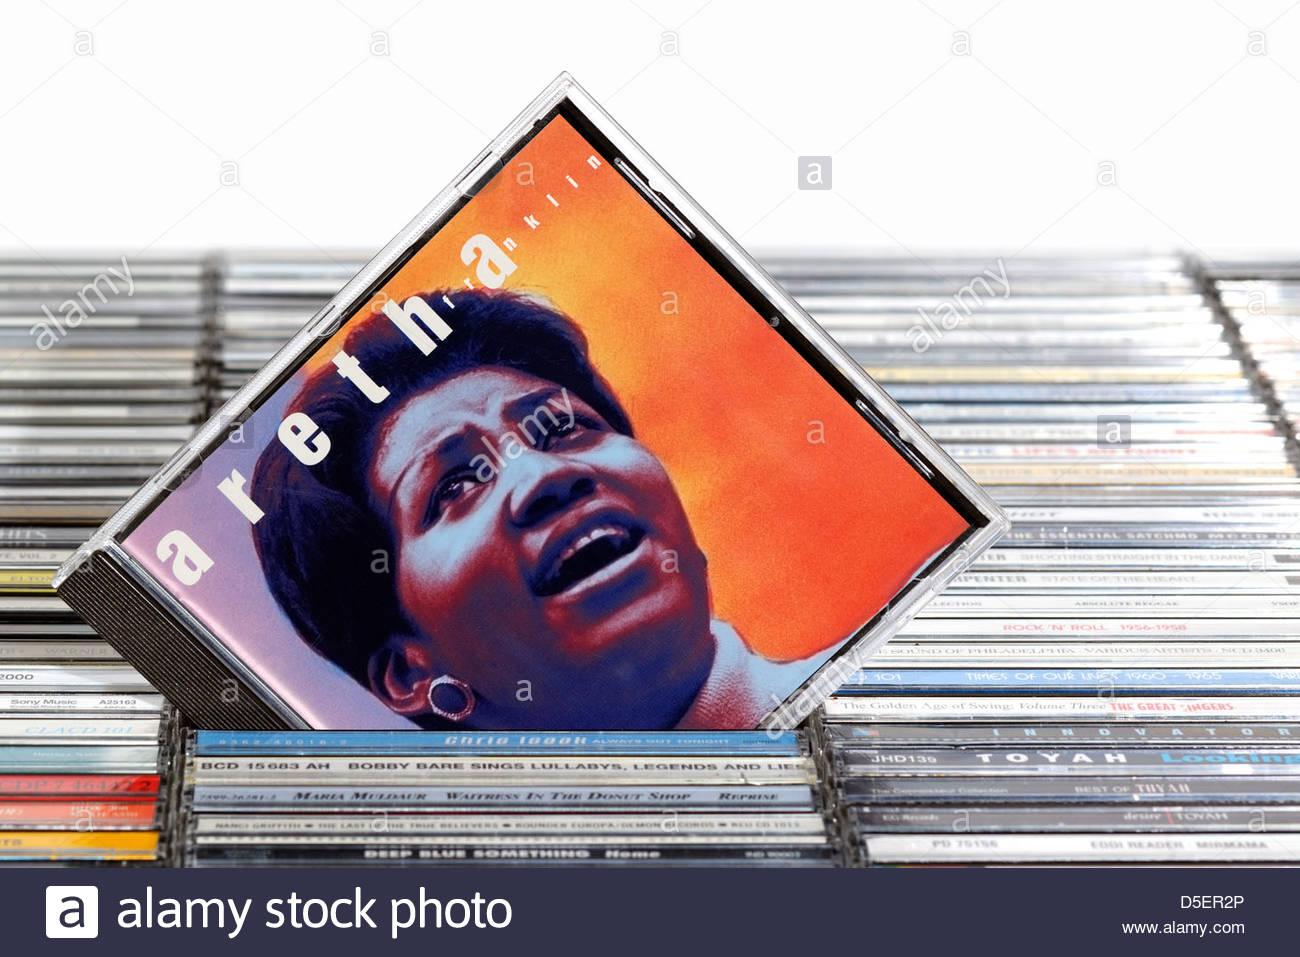 Aretha Franklin album, impilati CD musicale casi, Inghilterra. Foto Stock